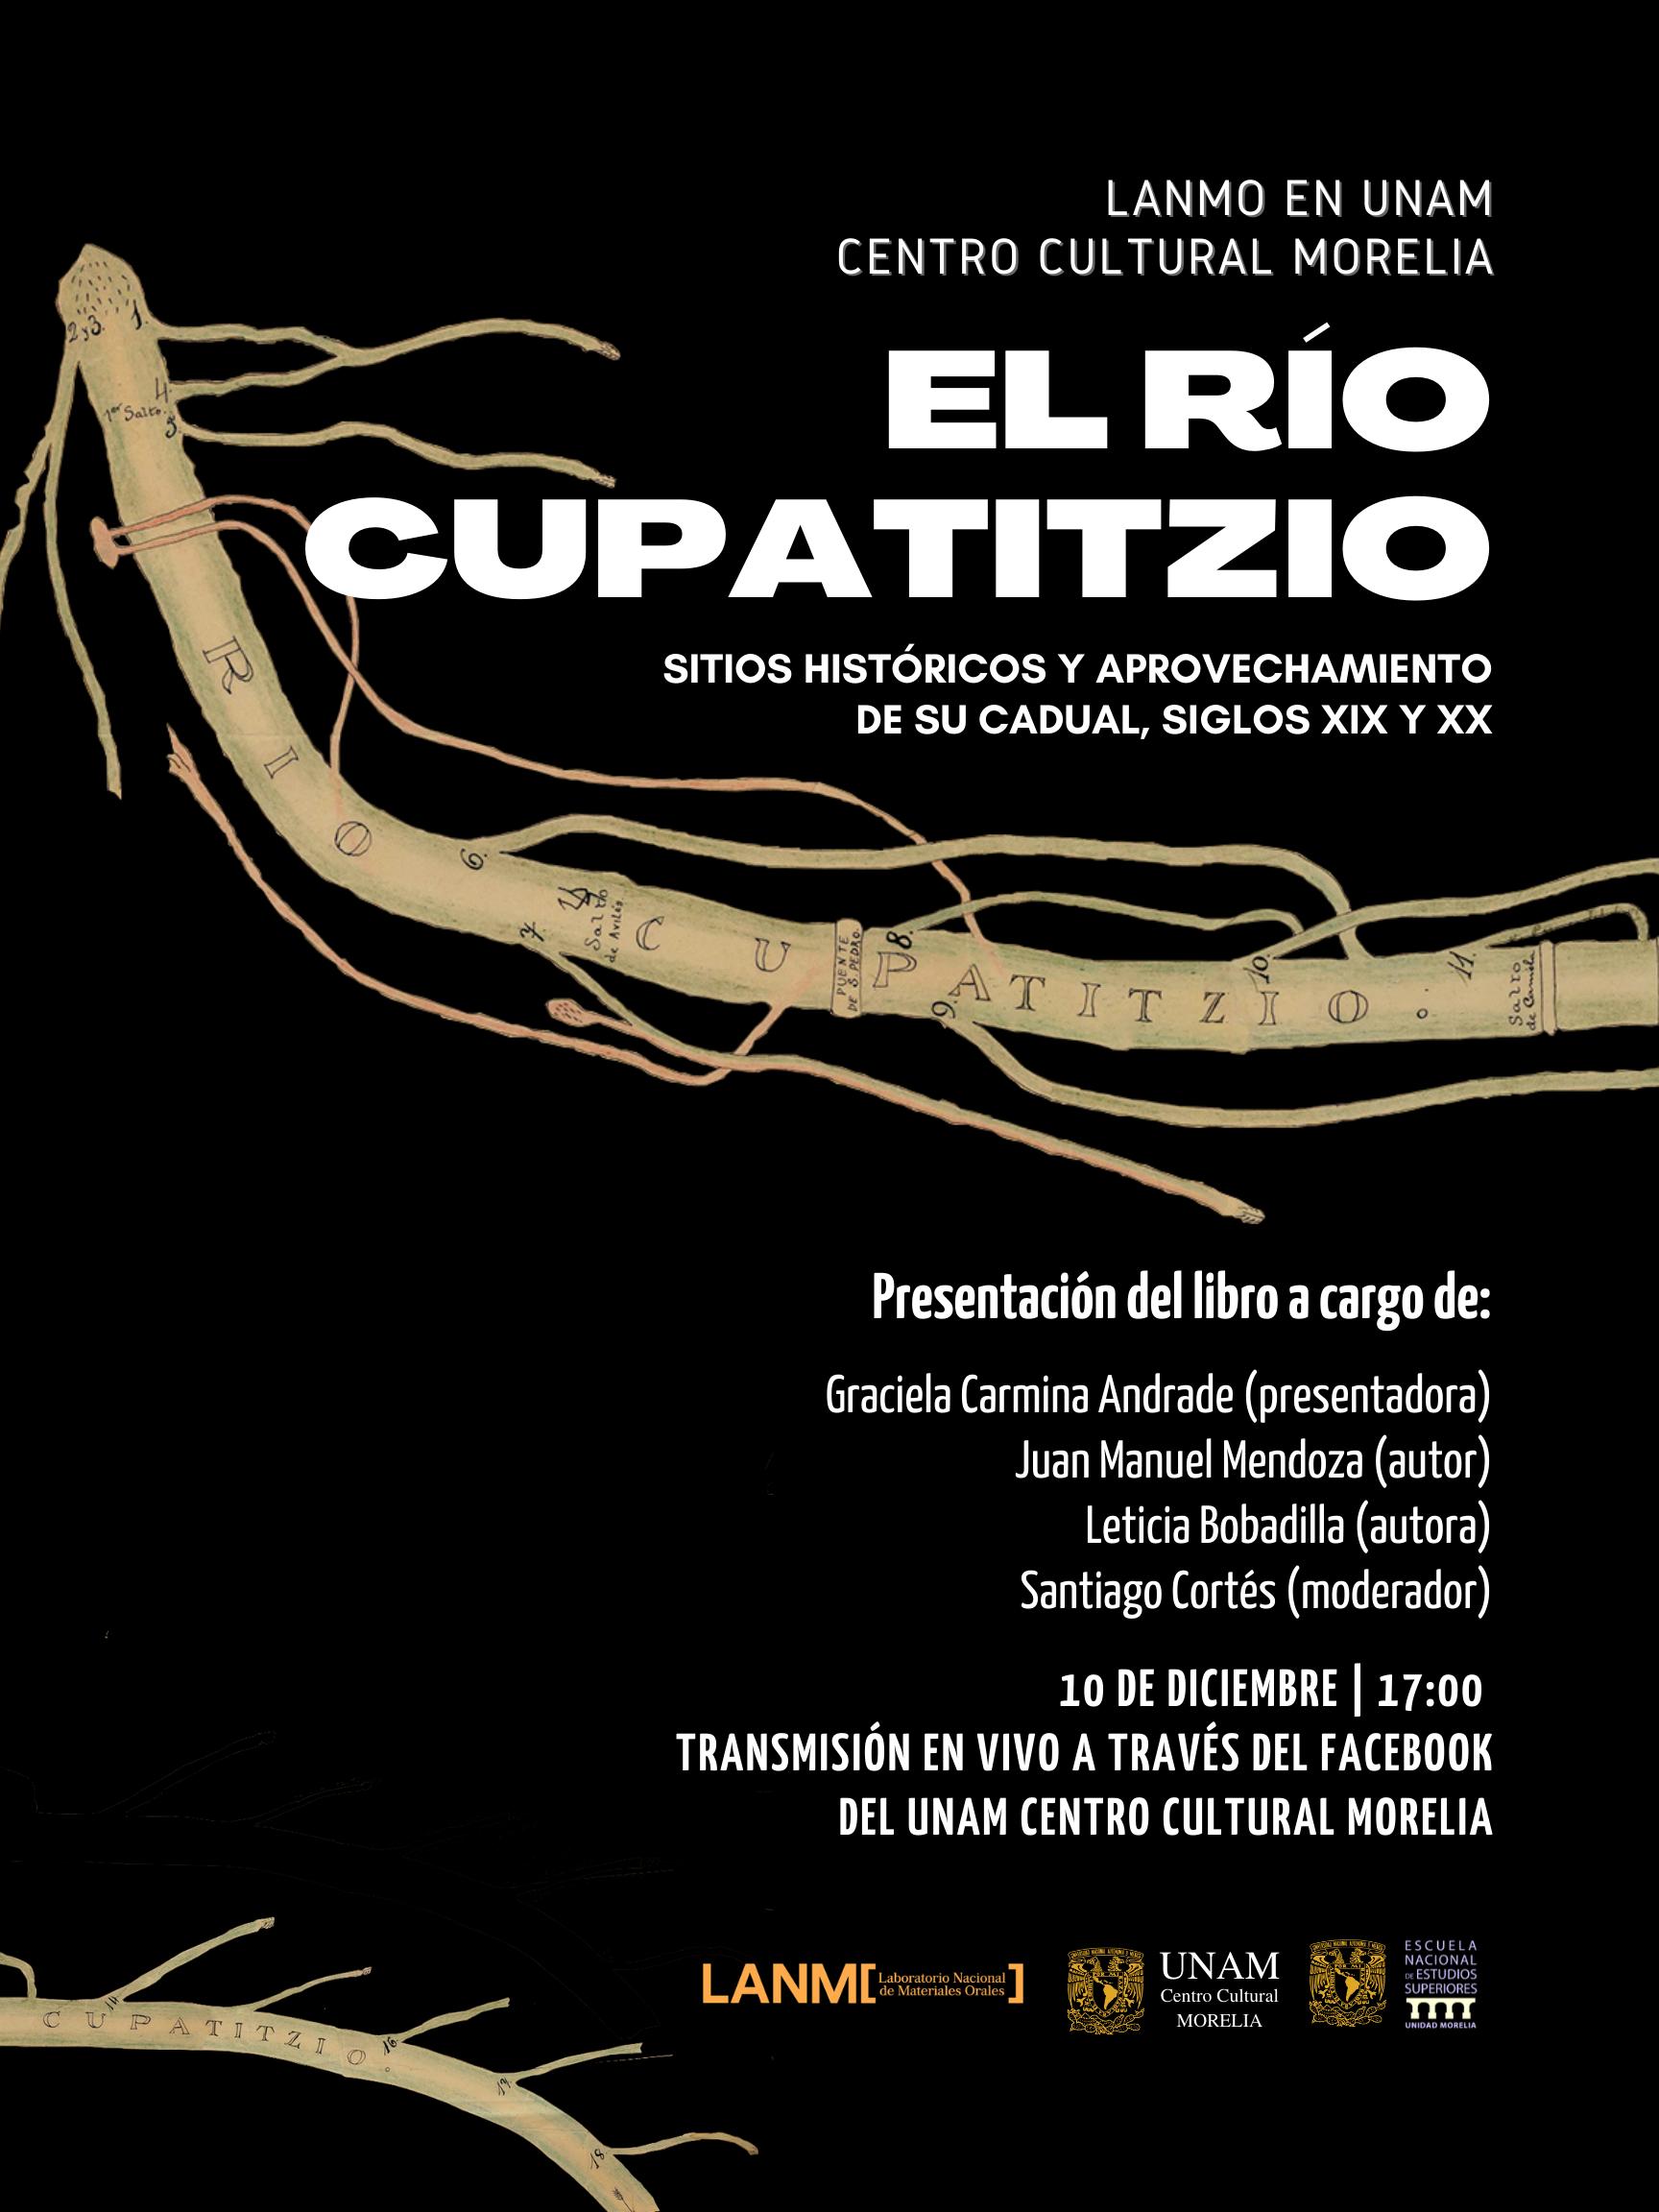 Presentará LANMO El Río Cupatitzio: sitios históricos y aprovechamiento de su caudal, siglos XIX y XX